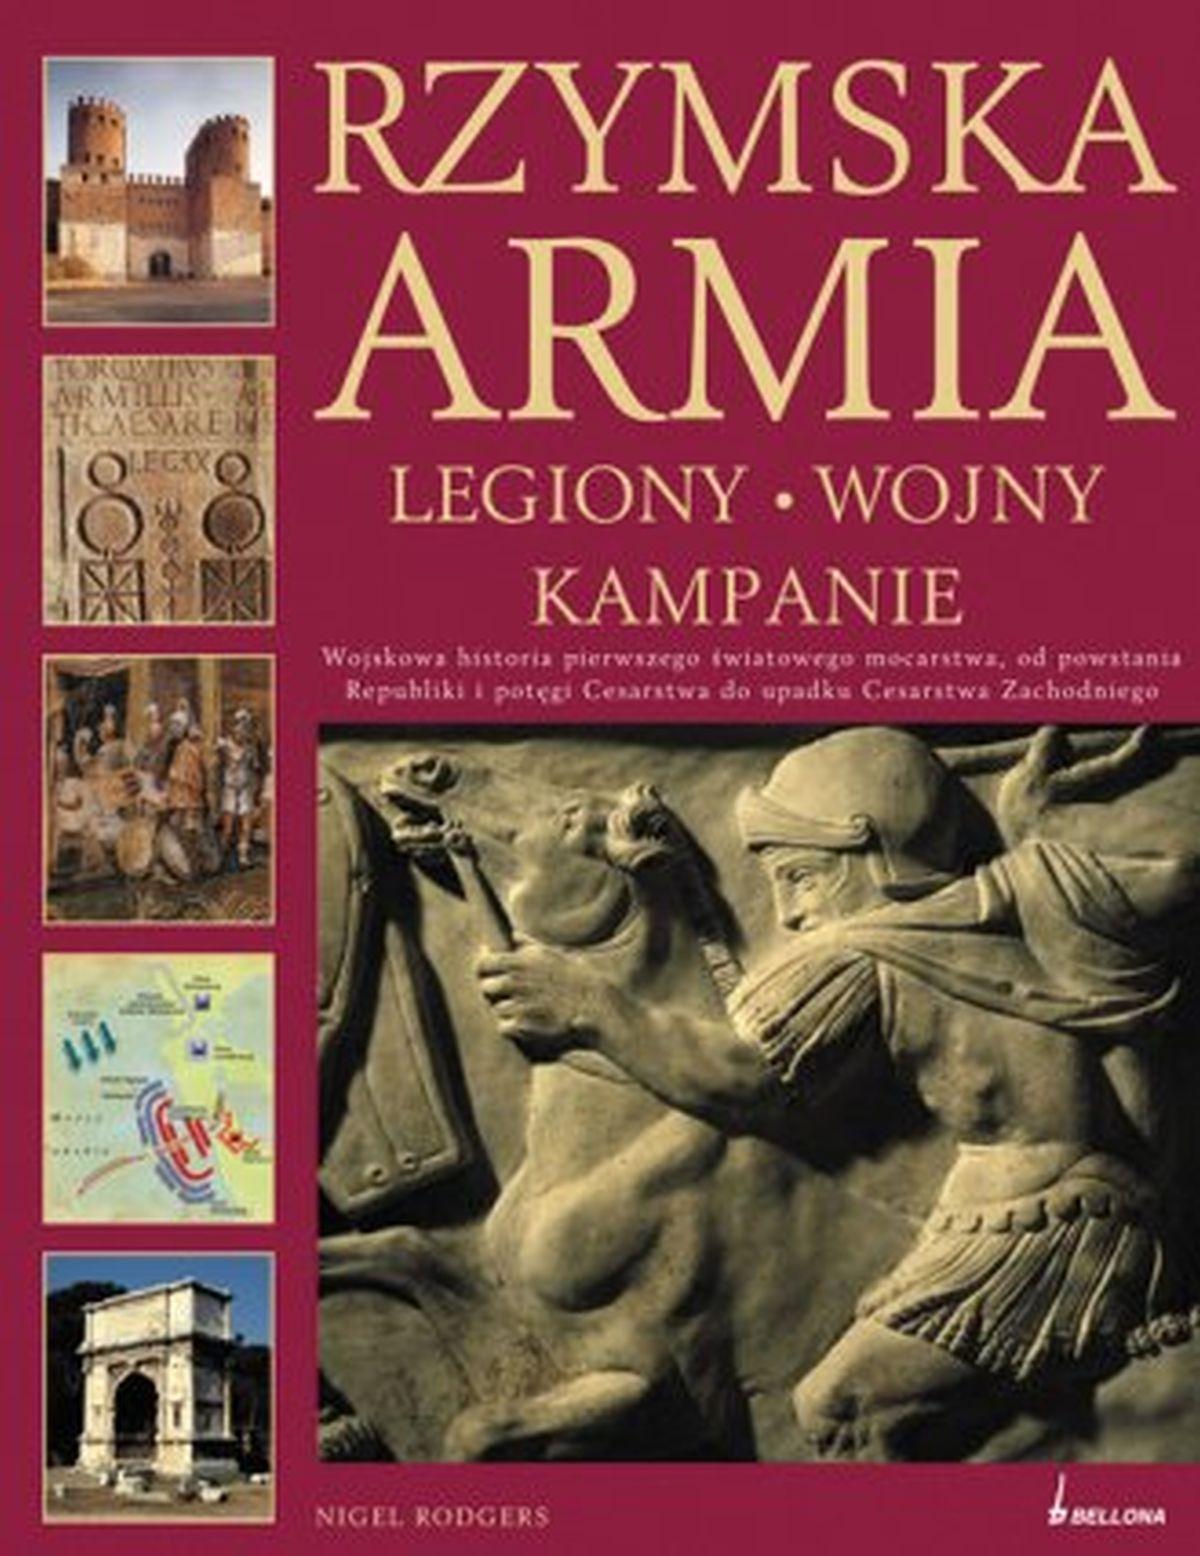 Rzymska Armia. Legiony, wojny, kampanie